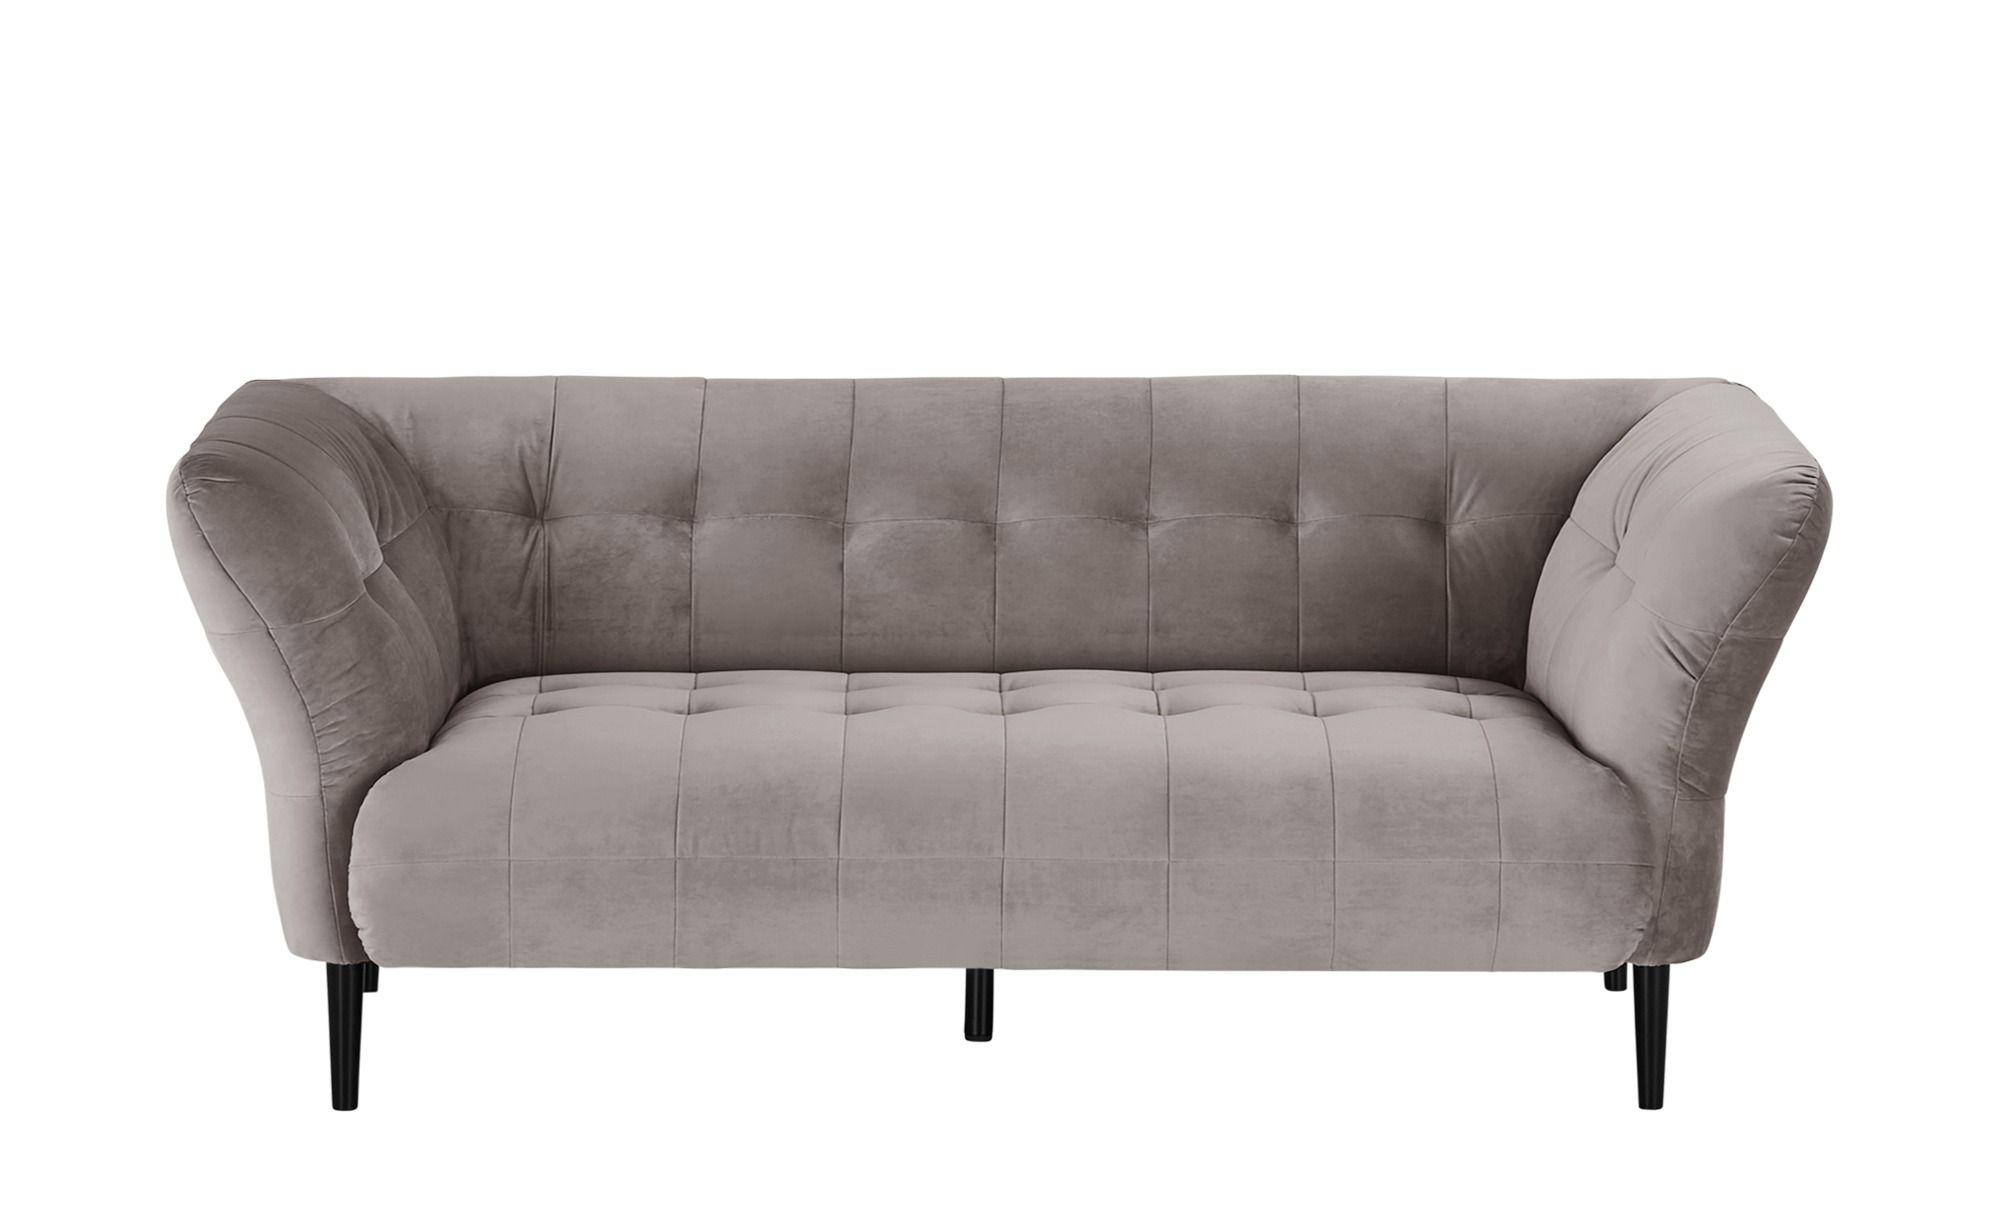 Billige Ecksofa Kaufen Schlafsofa Federkern Neckermann Sofabord Design Ecksofa Gunstig Online Kaufen Online Vintage Fu Big Sofa Kaufen Sofa Sofa Design